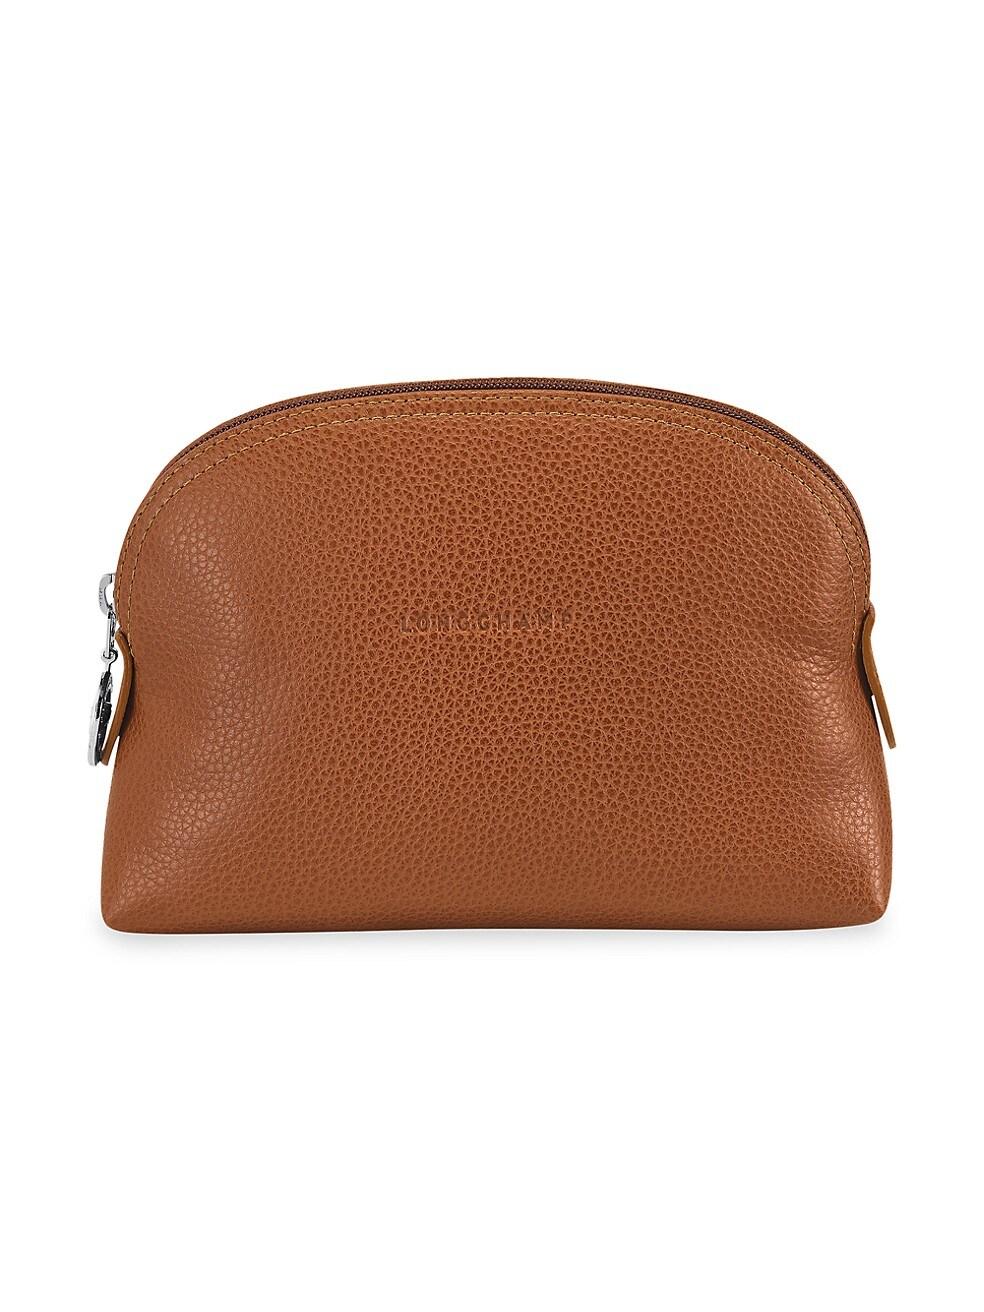 롱샴 파우치 Longchamp Le Foulonne Small Cosmetic Case,CARAMEL